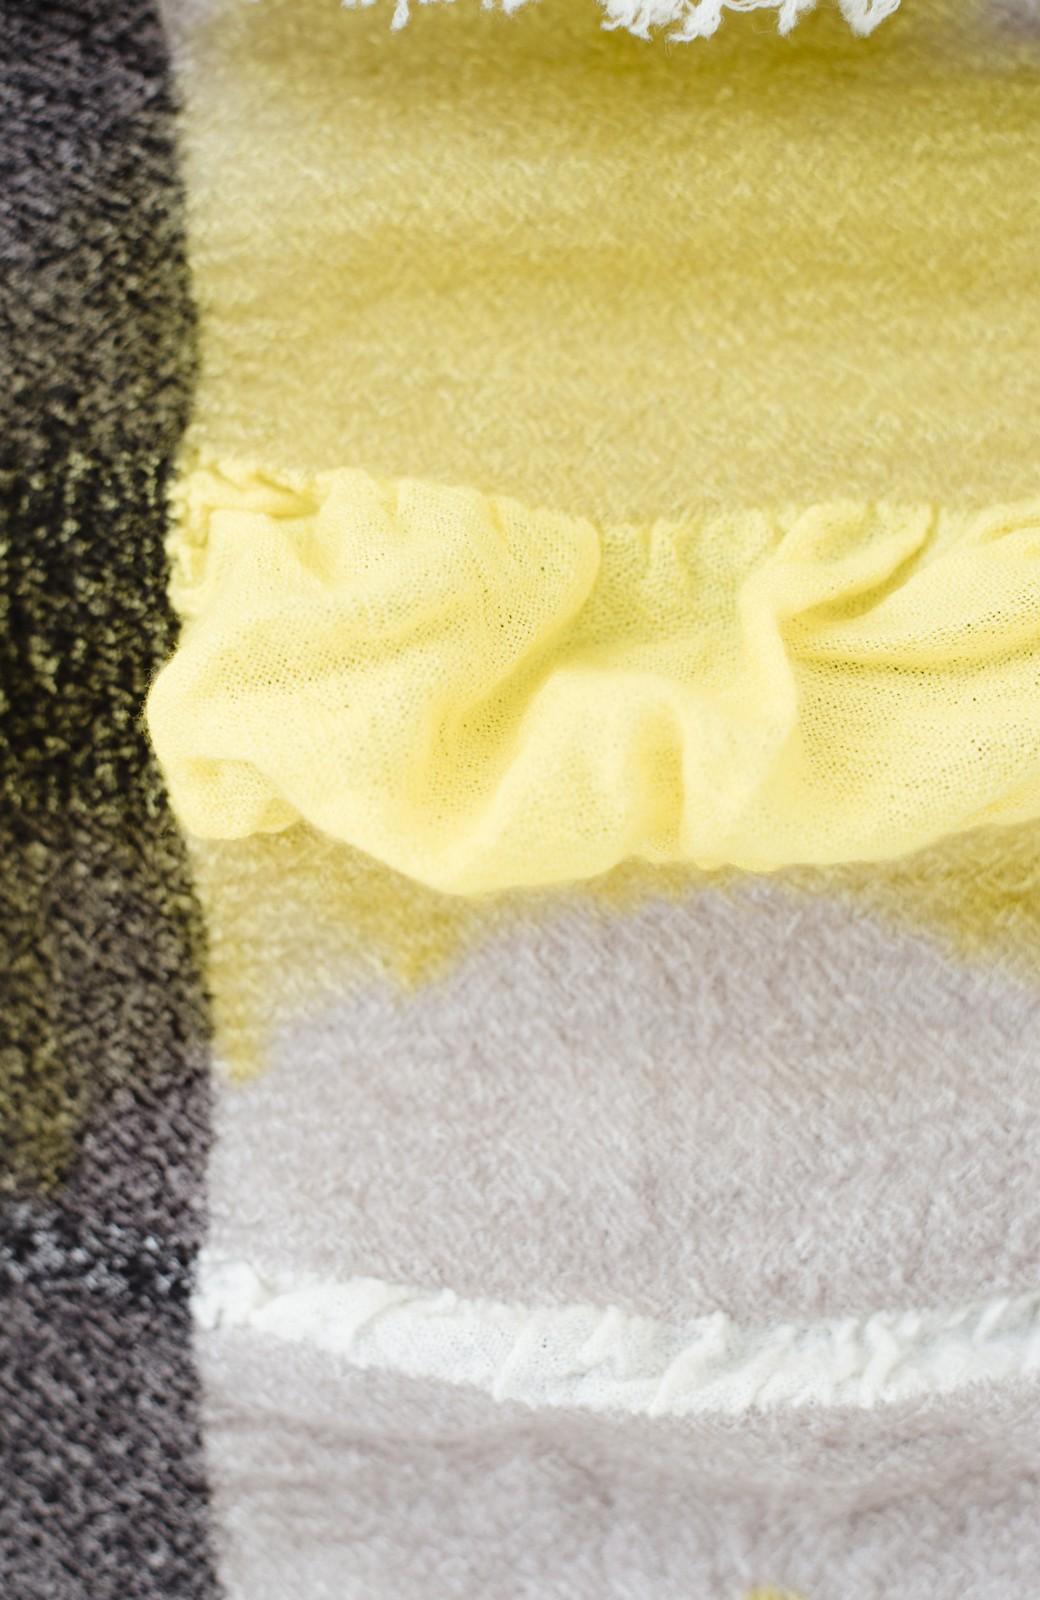 haco! てとひとて Qualia 手染めチェック柄バルーンストール <イエロー>の商品写真6